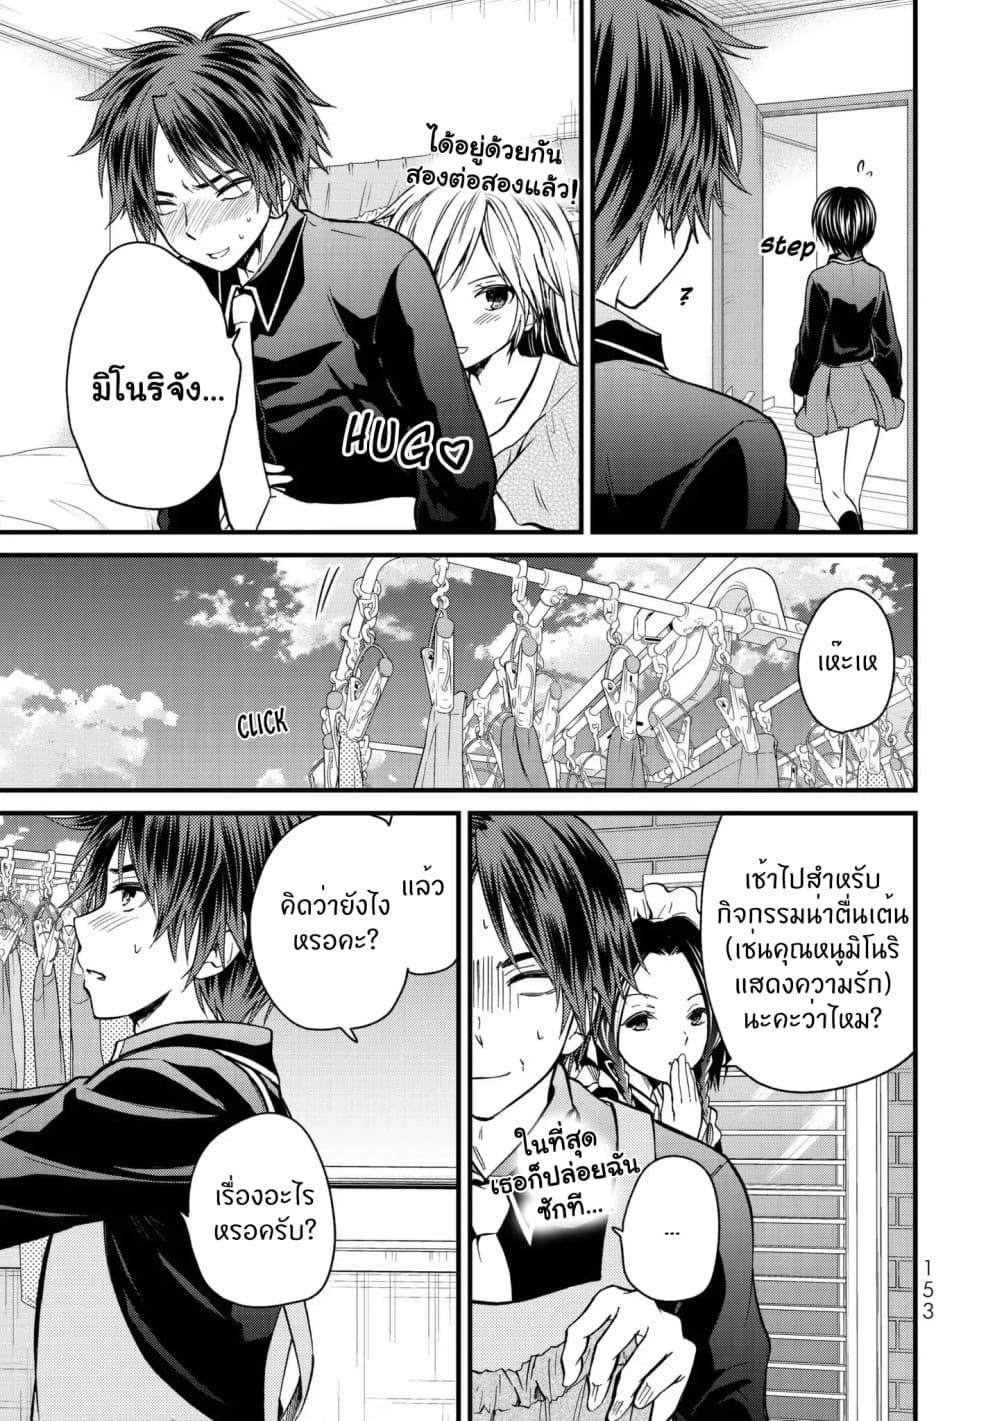 อ่านการ์ตูน Ojousama no Shimobe ตอนที่ 18 หน้าที่ 10